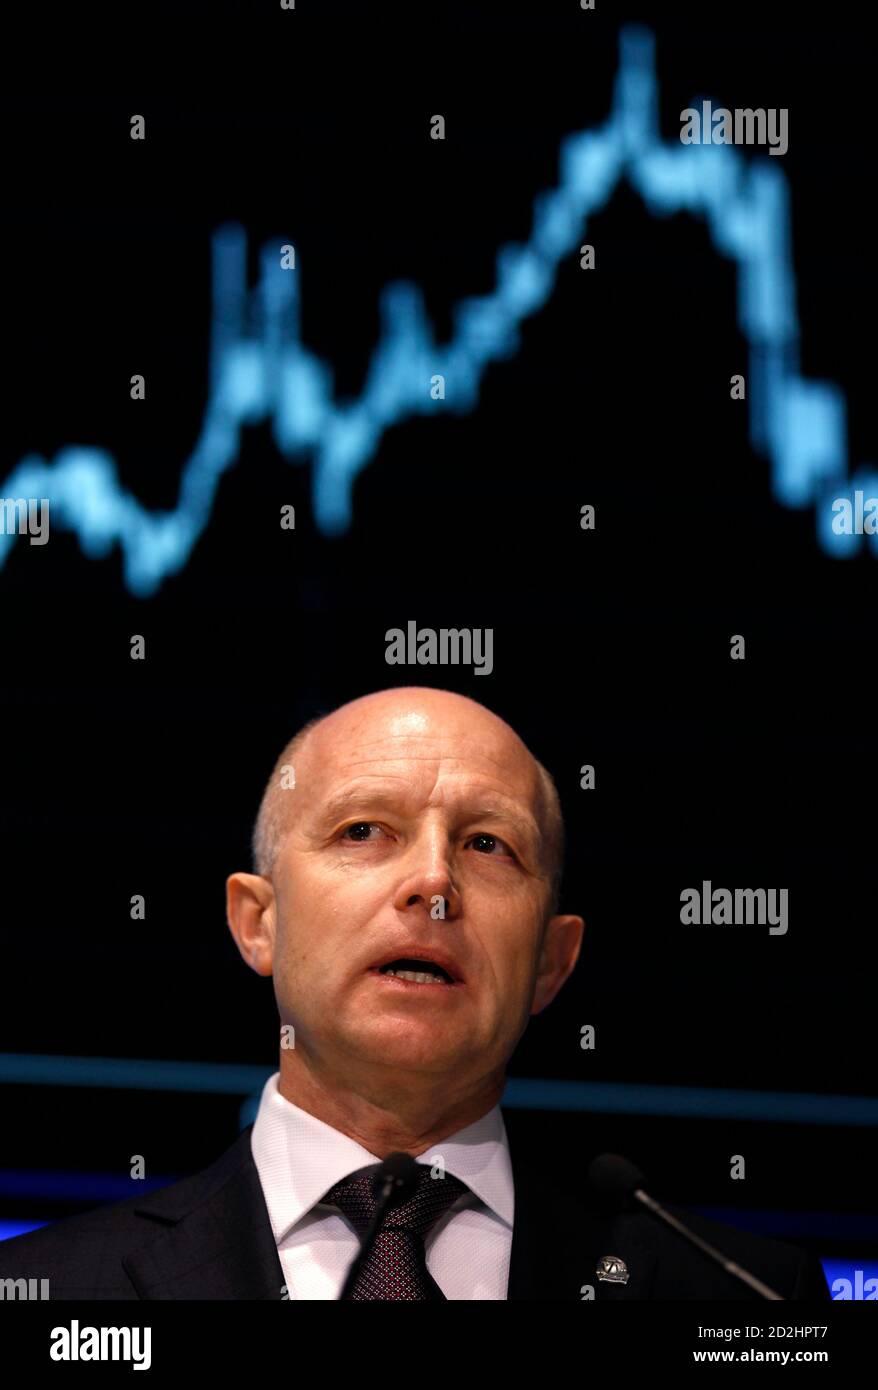 Andrzej Klesyk, directeur général du Groupe PZU, prend la parole lors du lancement de la bourse de Varsovie le 12 mai 2010. Le premier assureur polonais PZU a enregistré mercredi des gains importants dans ses débuts sur le marché, afin de plafonner la plus grande offre publique initiale de l'Europe en deux ans après avoir bravoué des marchés instables qui ont forcé d'autres pays à abandonner les flotations. REUTERS/Peter Andrews (POLOGNE - Tags: AFFAIRES POLITIQUES) Banque D'Images